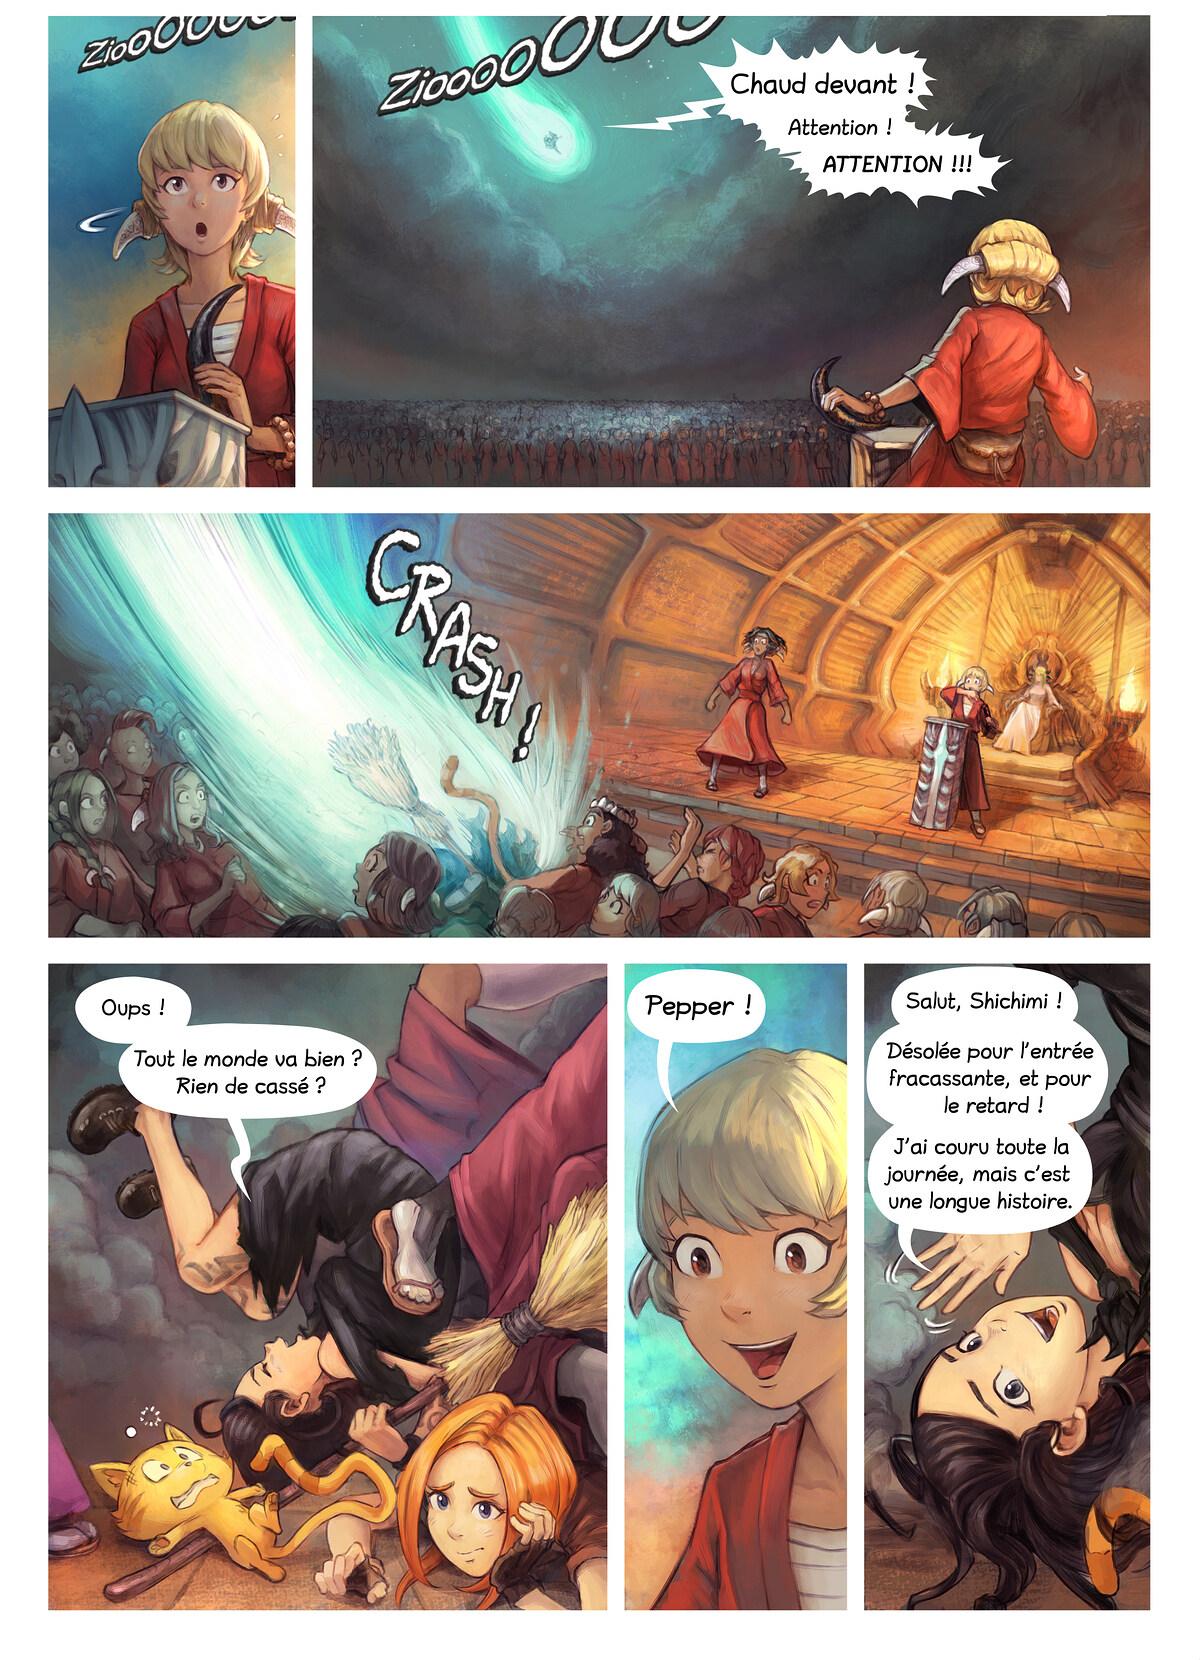 Épisode 34 : L'Adoubement de Shichimi, Page 2